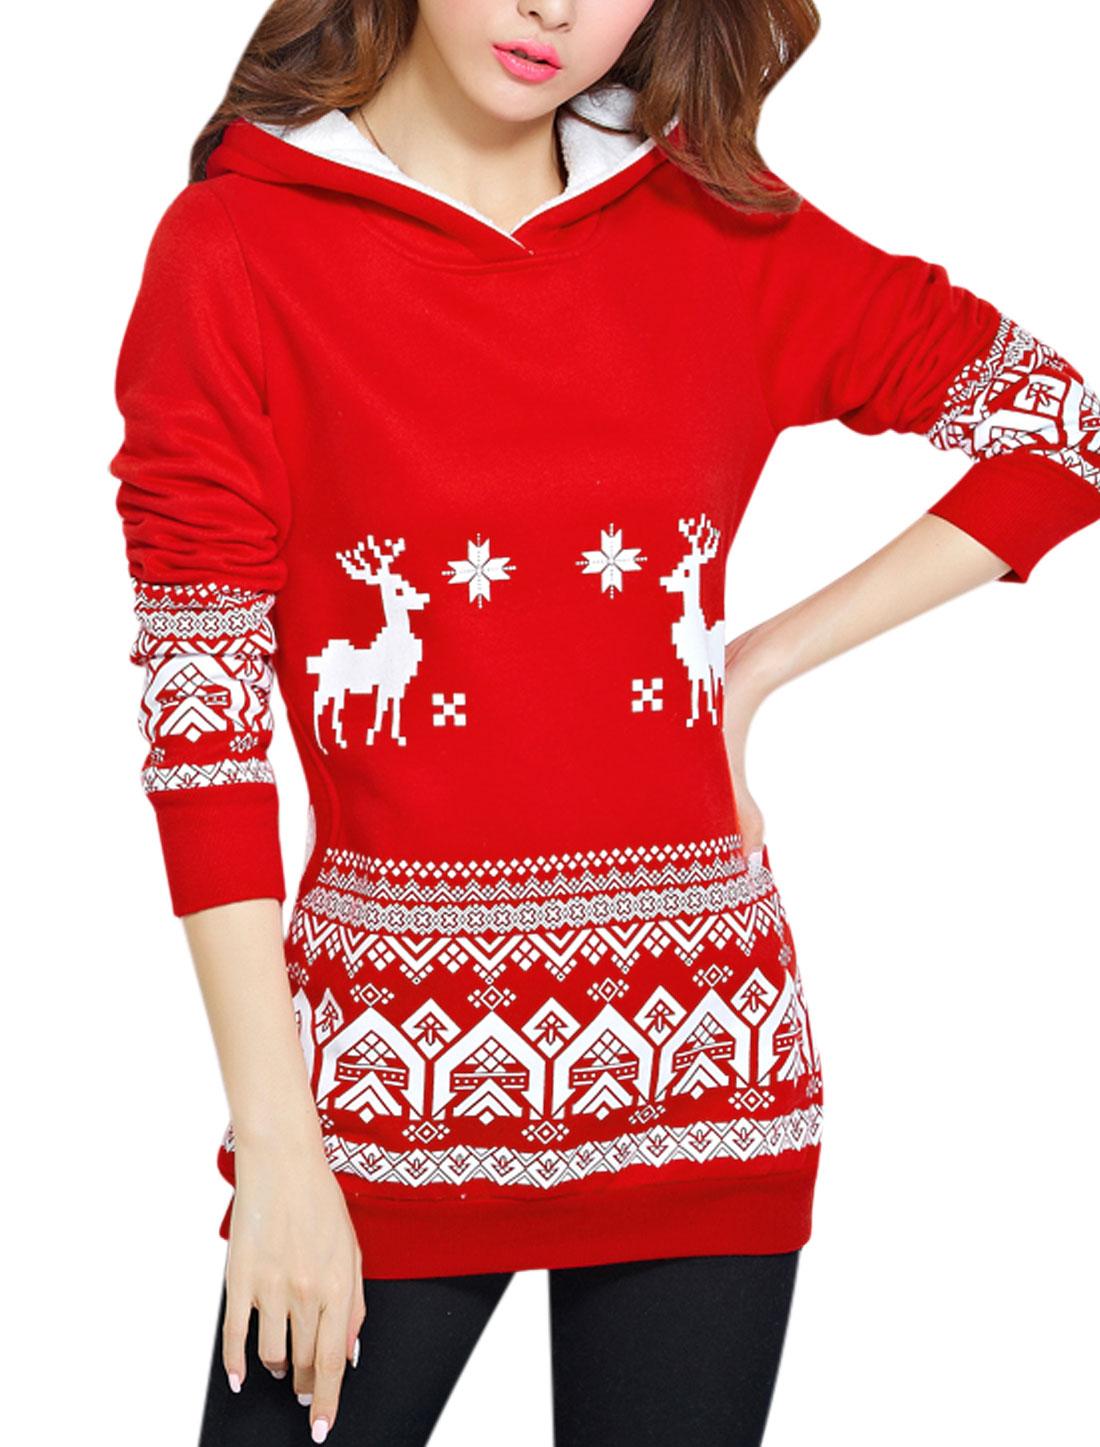 Ladies Hooded Geometric Printed Trendy Sweatshirt Red L